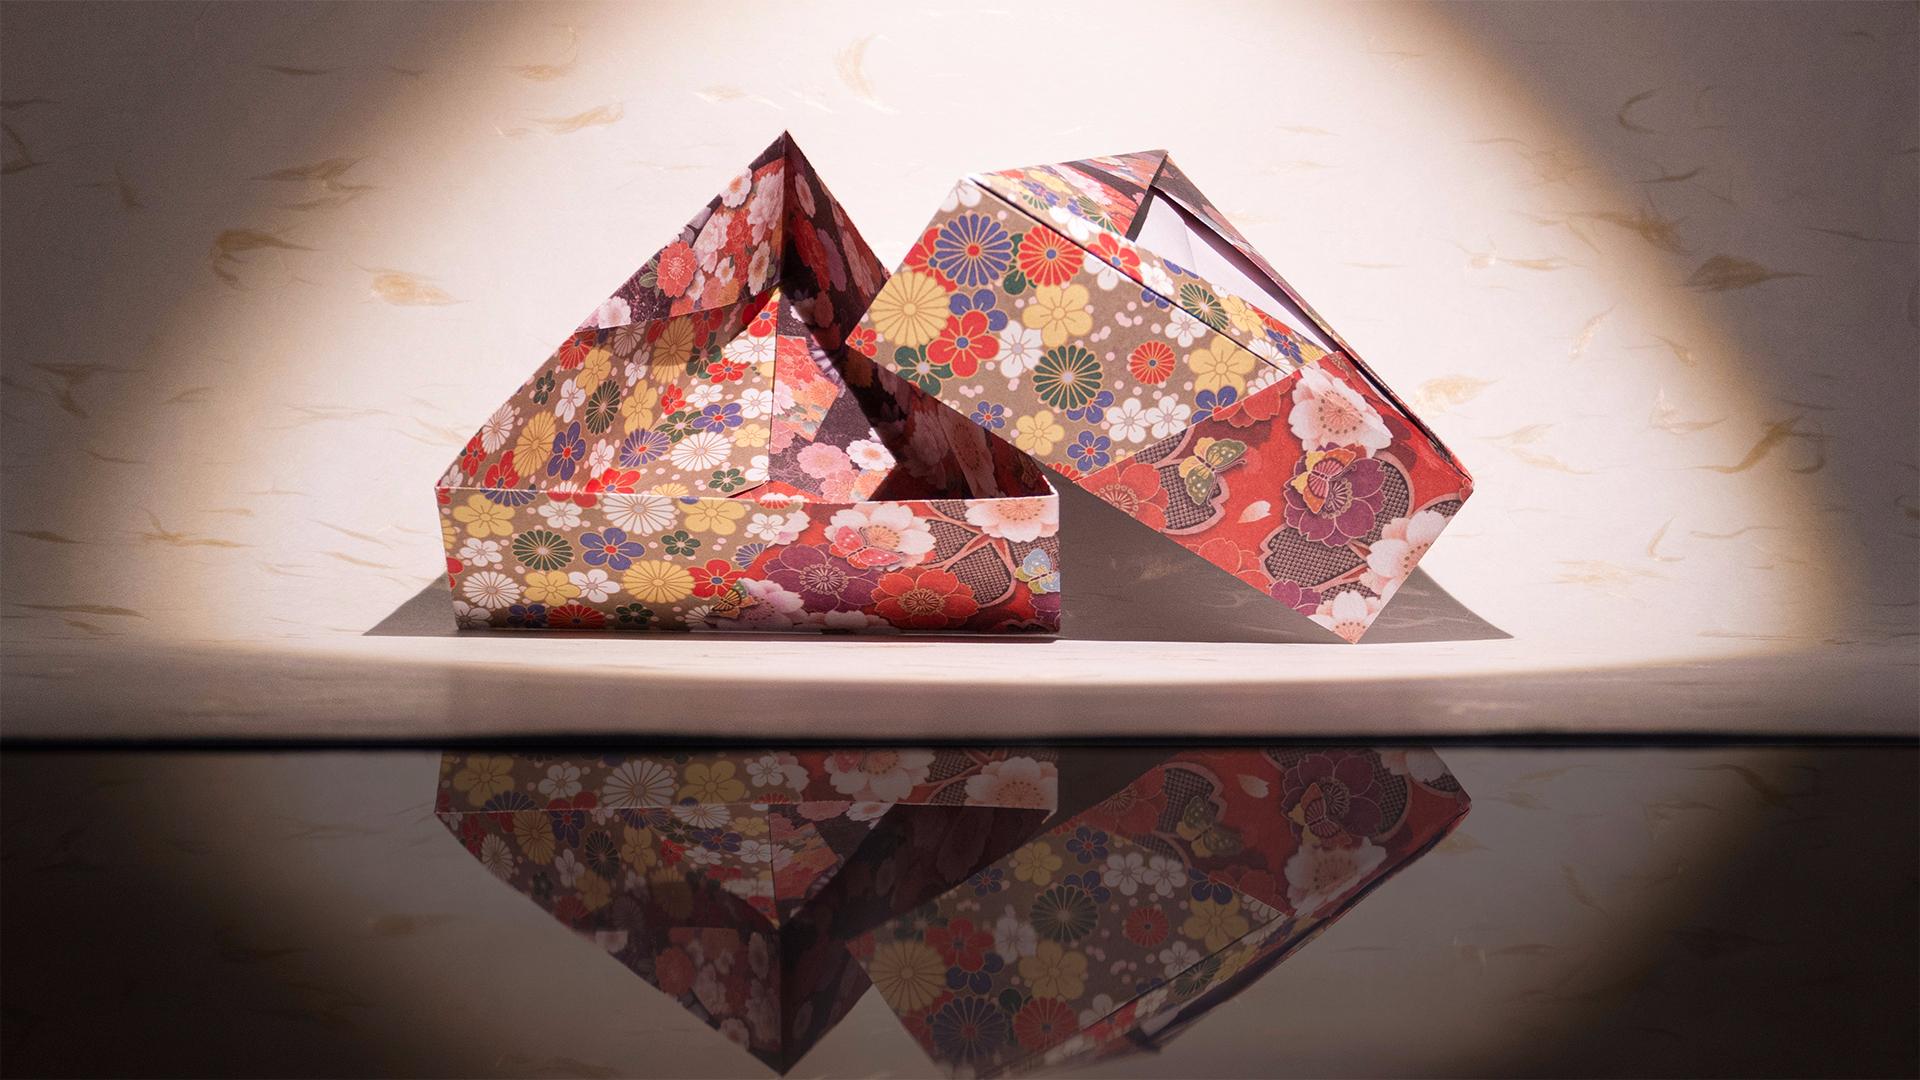 【折纸】又双叒叕到了中秋节,这次是折三角形月饼盒